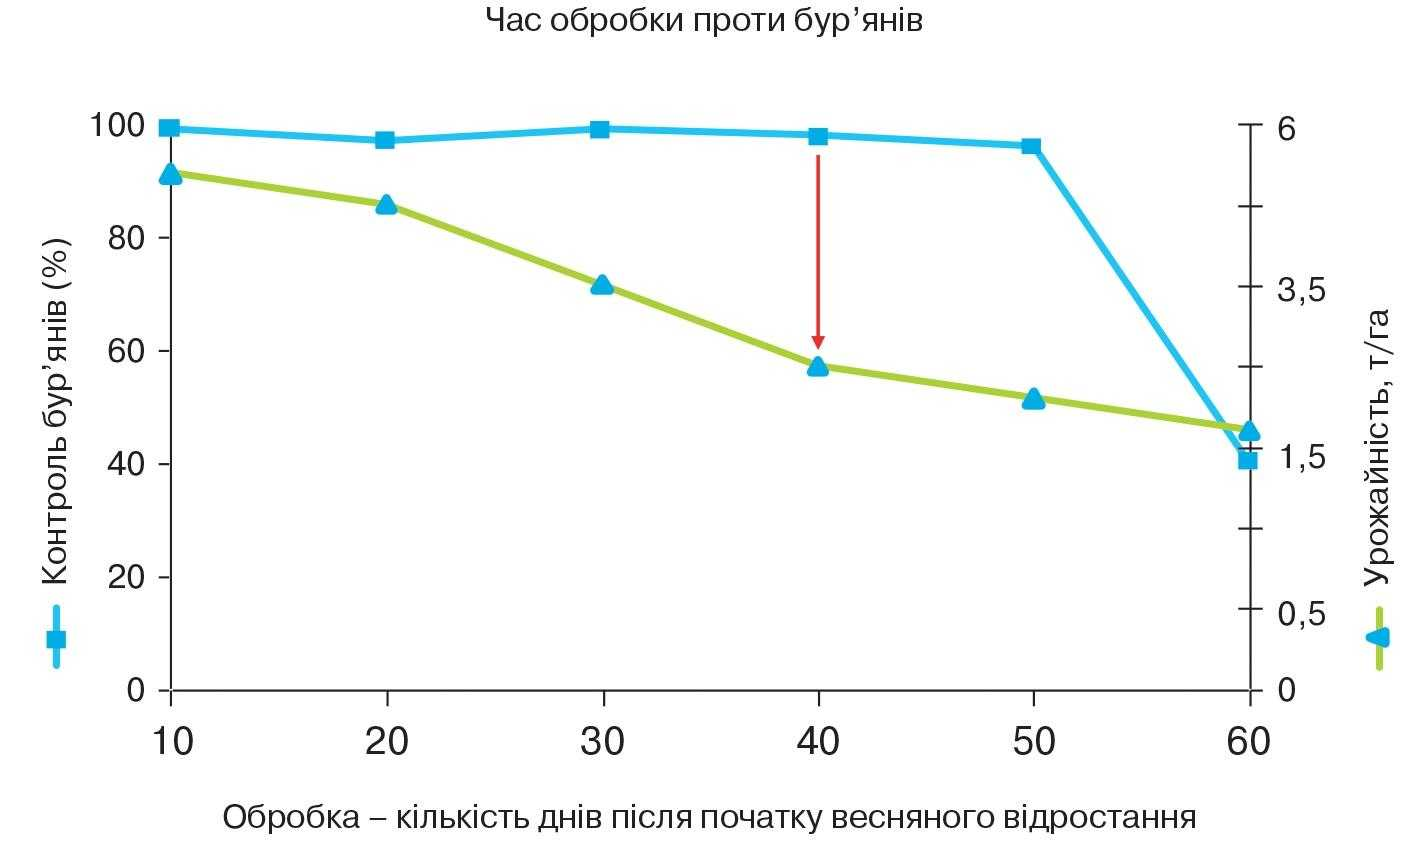 Залежність ефективності контролю бур'янів у посівах (%) та урожайності озимої пшениці (т/га) залежно від терміну проведення гербіцидної обробки